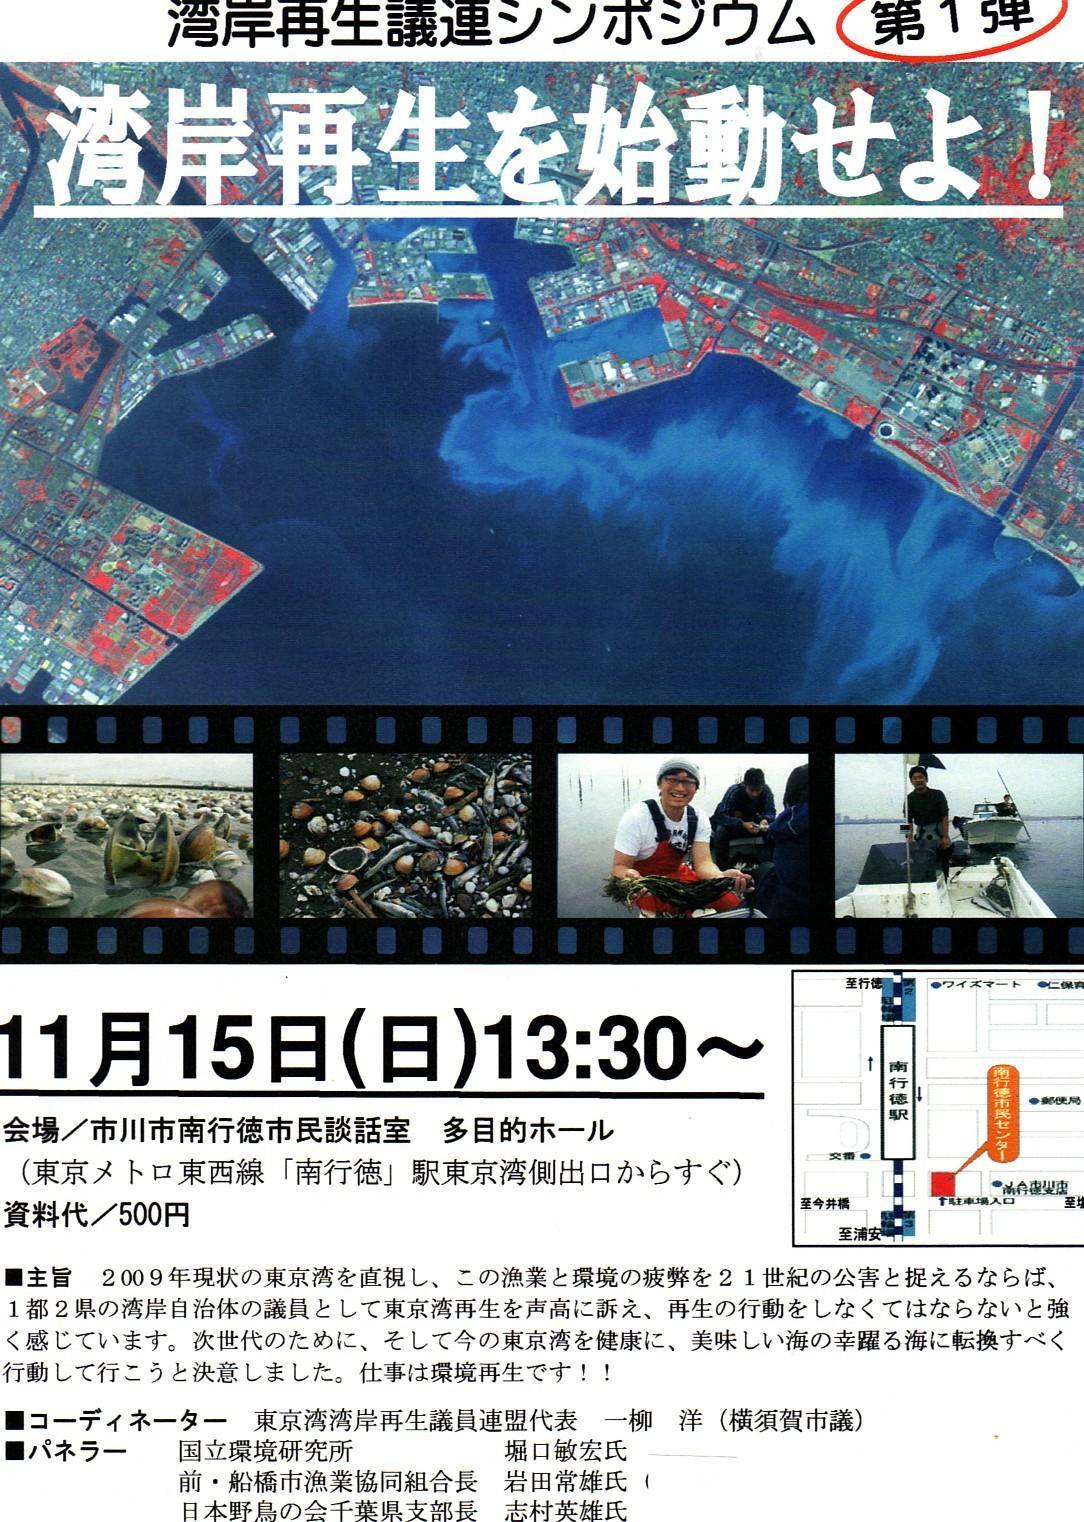 東京湾湾岸再生シンポジウム開催_f0165519_1151229.jpg